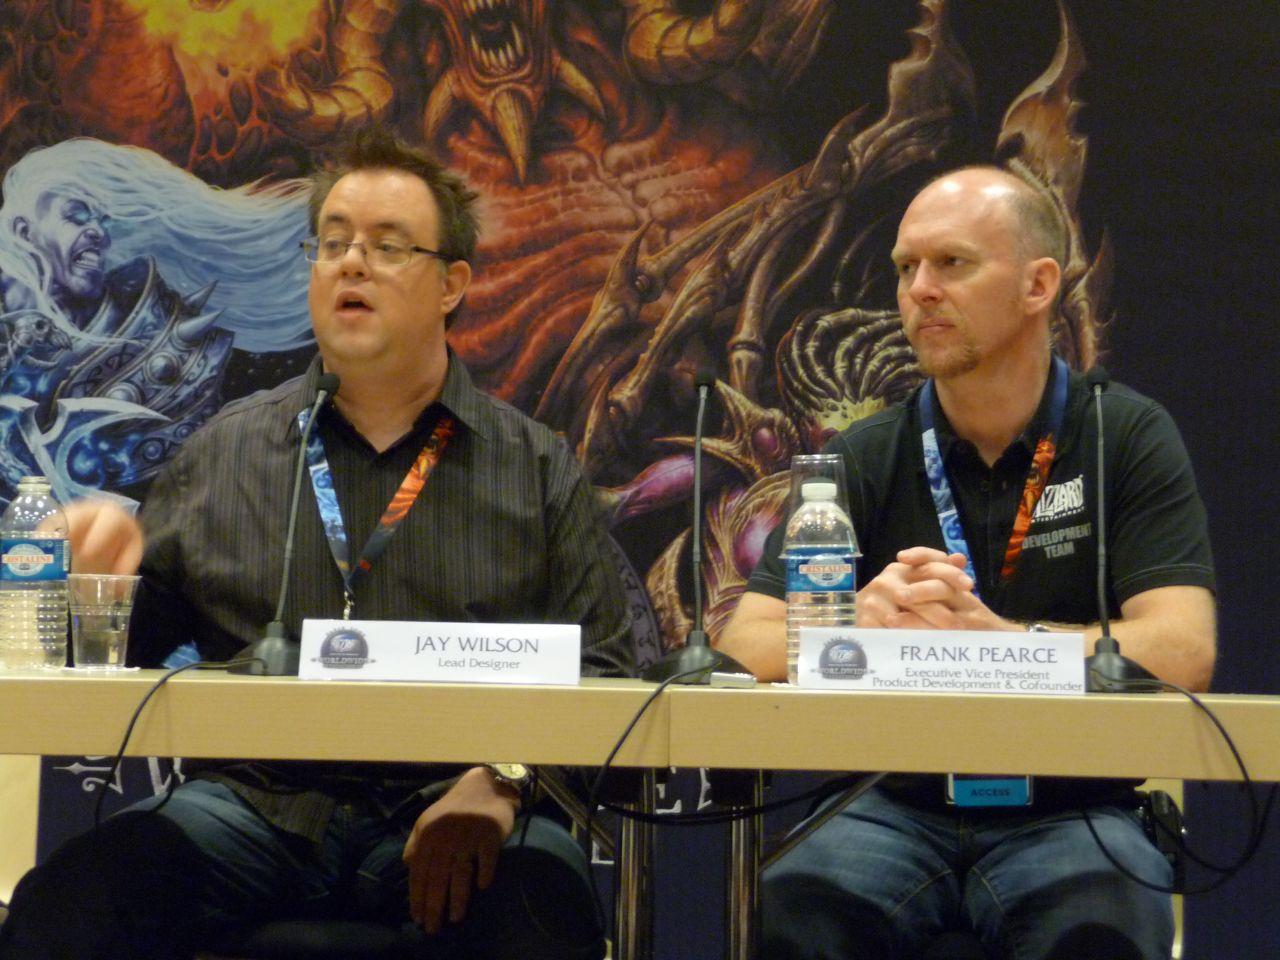 Blizzard Invitational: Höllenfürst-Fest und Gamemaster-Gulag - Jay Wilson (Lead Designer) und Frank Pearce (Ececutive Vice President Product Development) von Blizzard